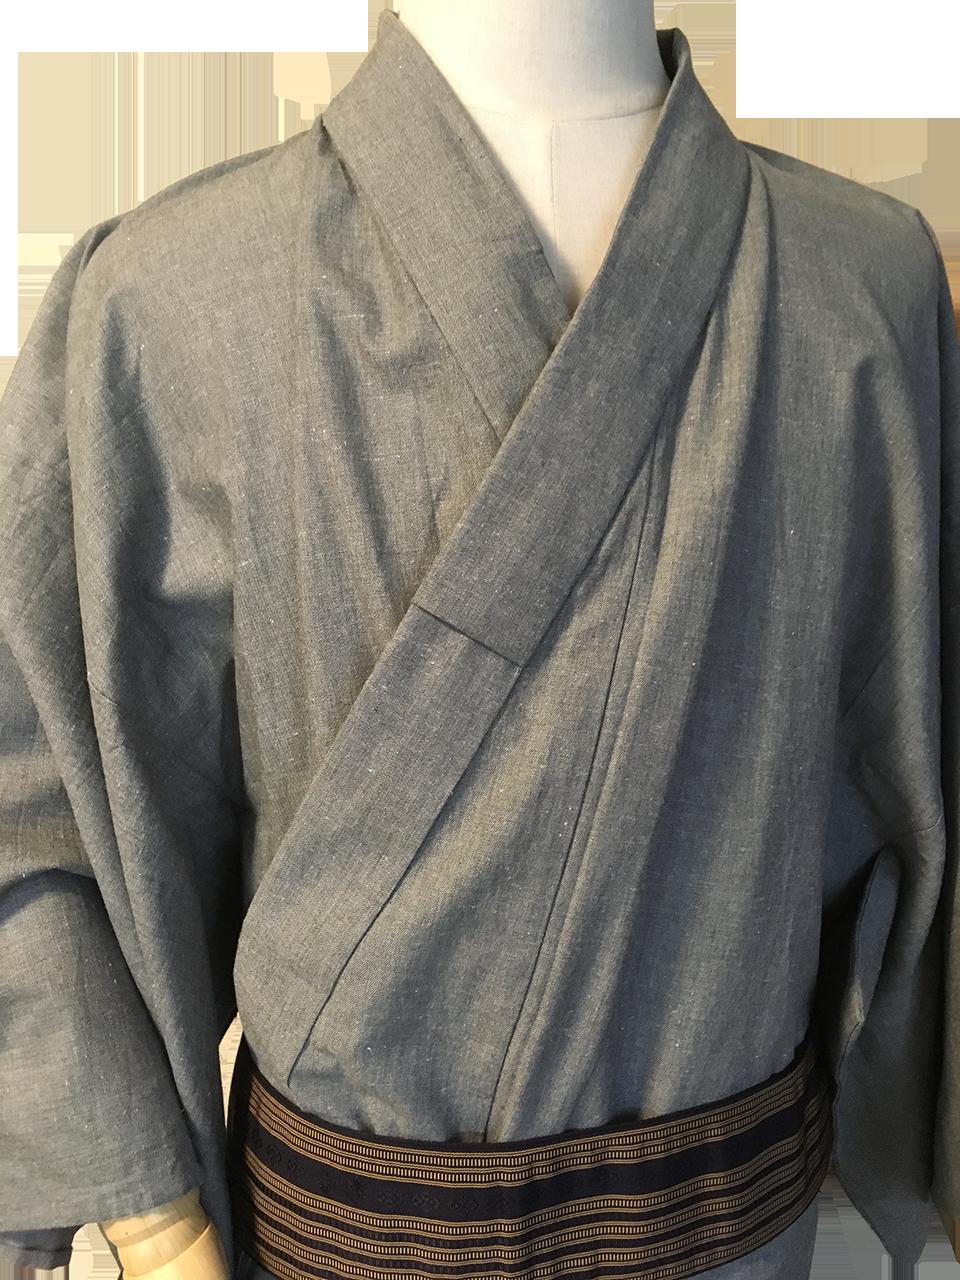 男の浴衣のイメージ